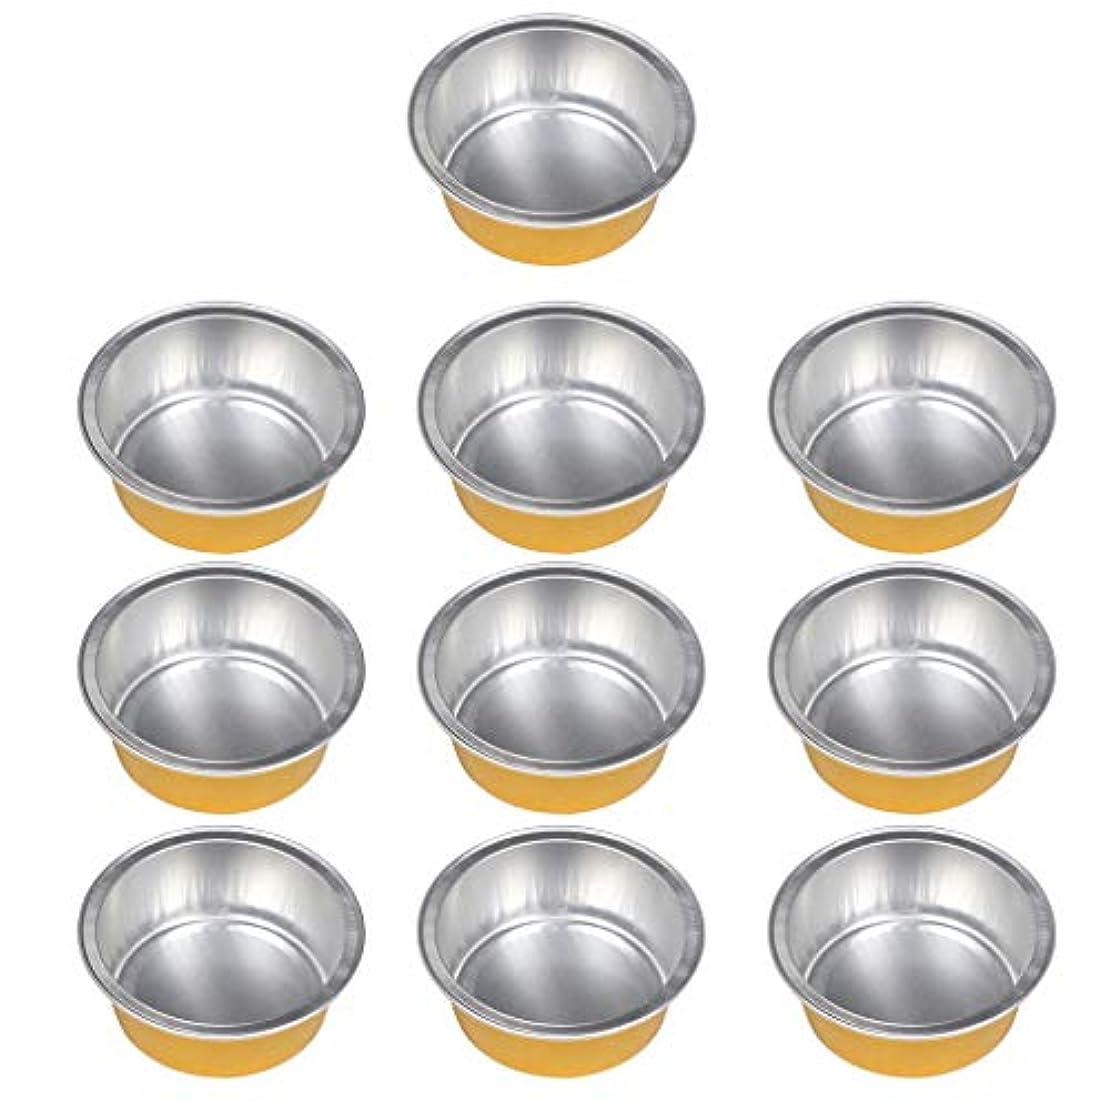 活気づく歯車航海の10個 アルミホイルボウル ワックスボウル ミニボウル ワックス豆体 融解ケース 衛生 2種選ぶ - ゴールデン1, 01